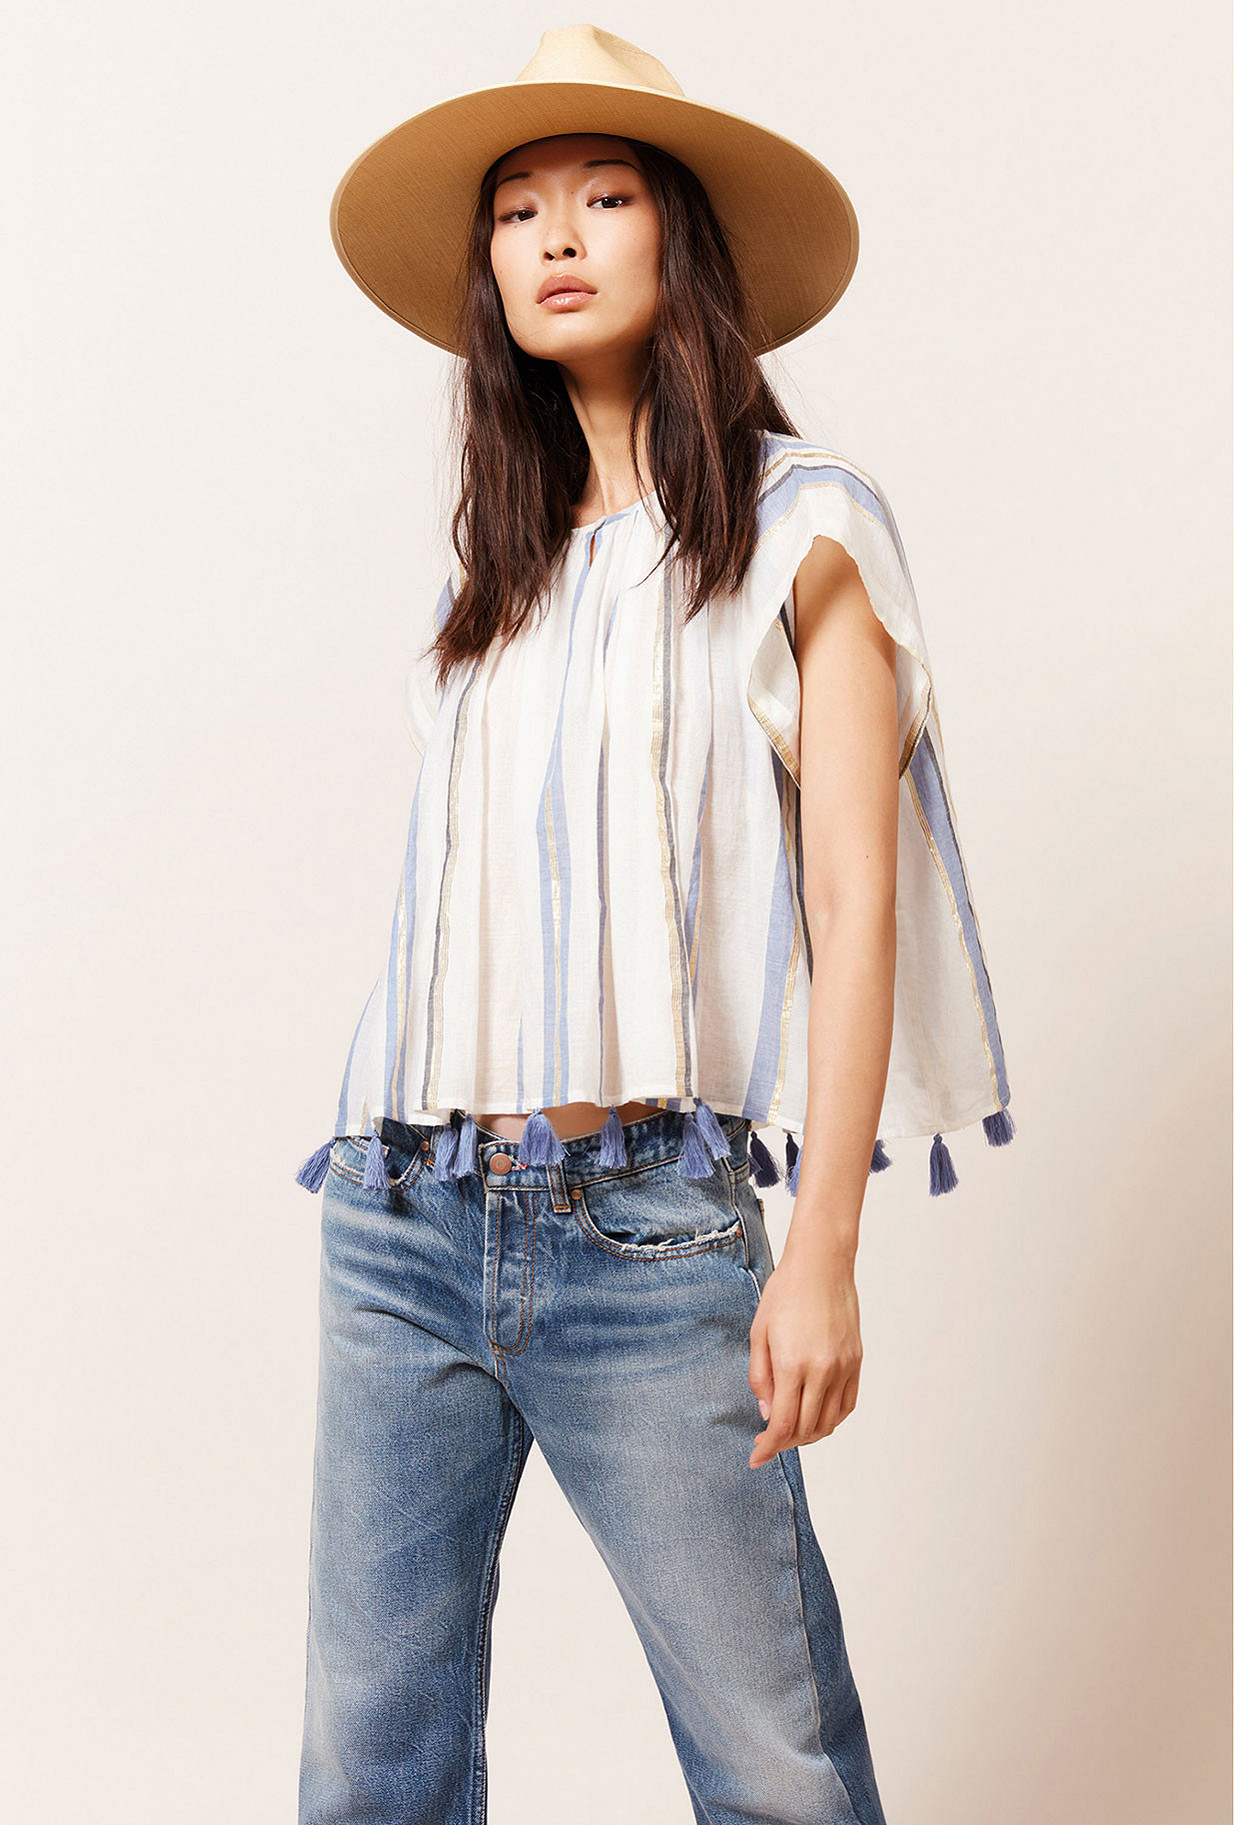 Paris boutique de mode vêtement Top créateur bohème  Azur